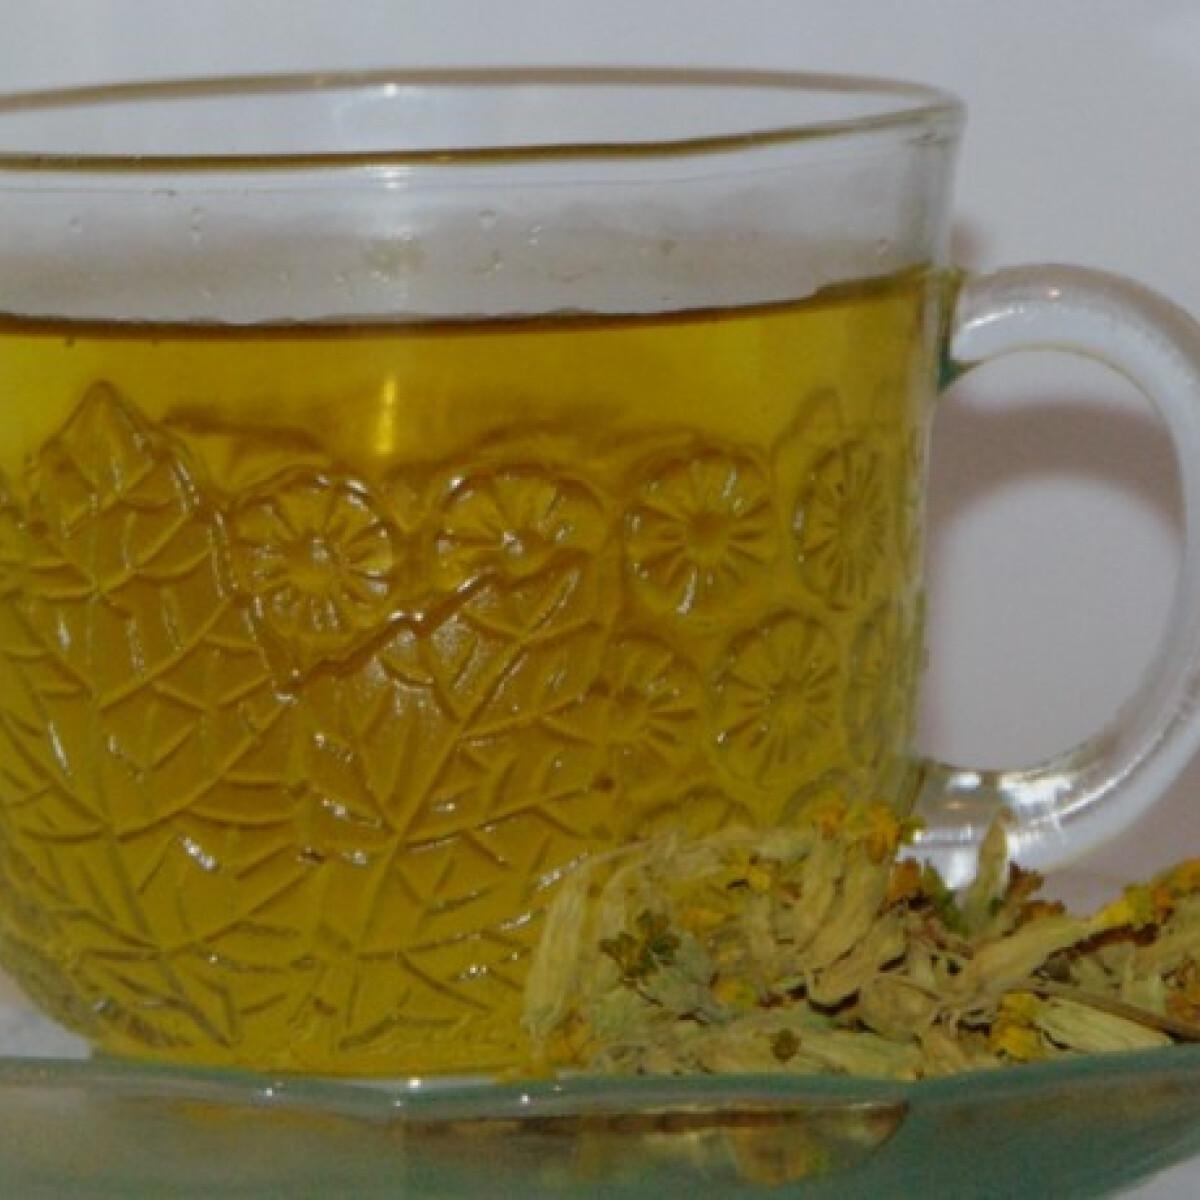 Ezen a képen: Kankalinos citromfűtea